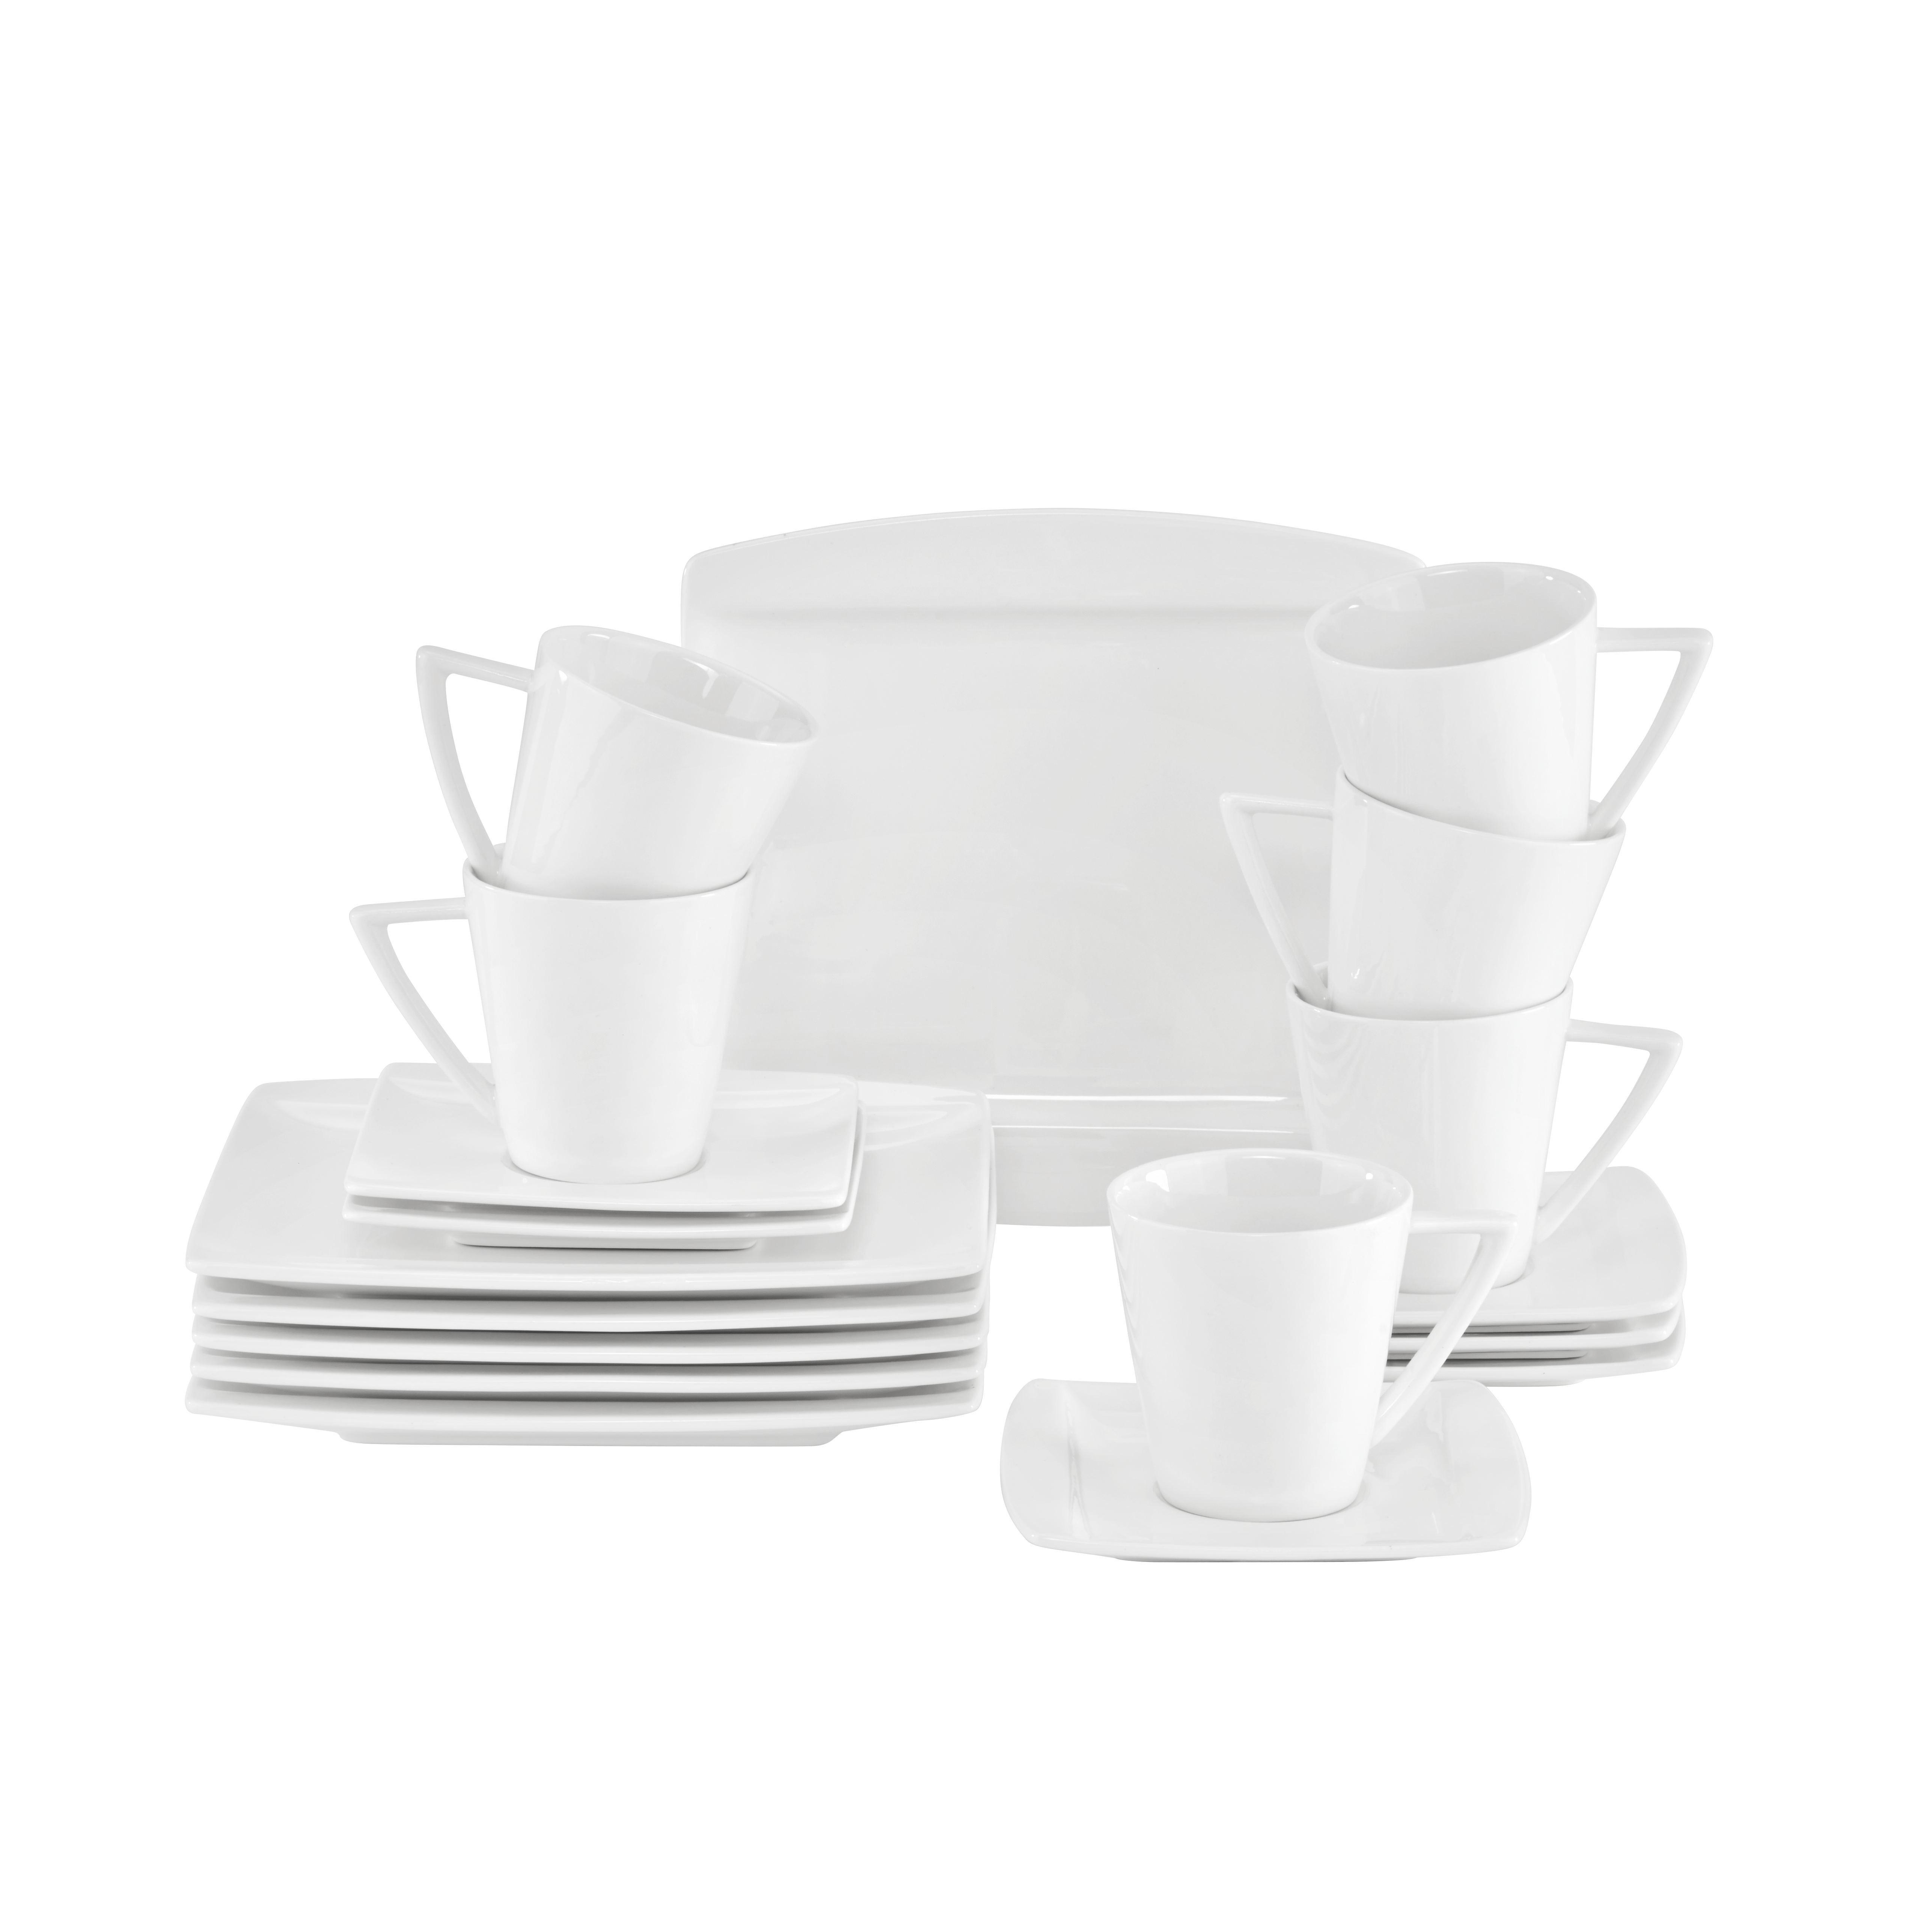 Dessertteller Pura in Weiß - Weiß, LIFESTYLE, Keramik (20/20cm) - MÖMAX modern living